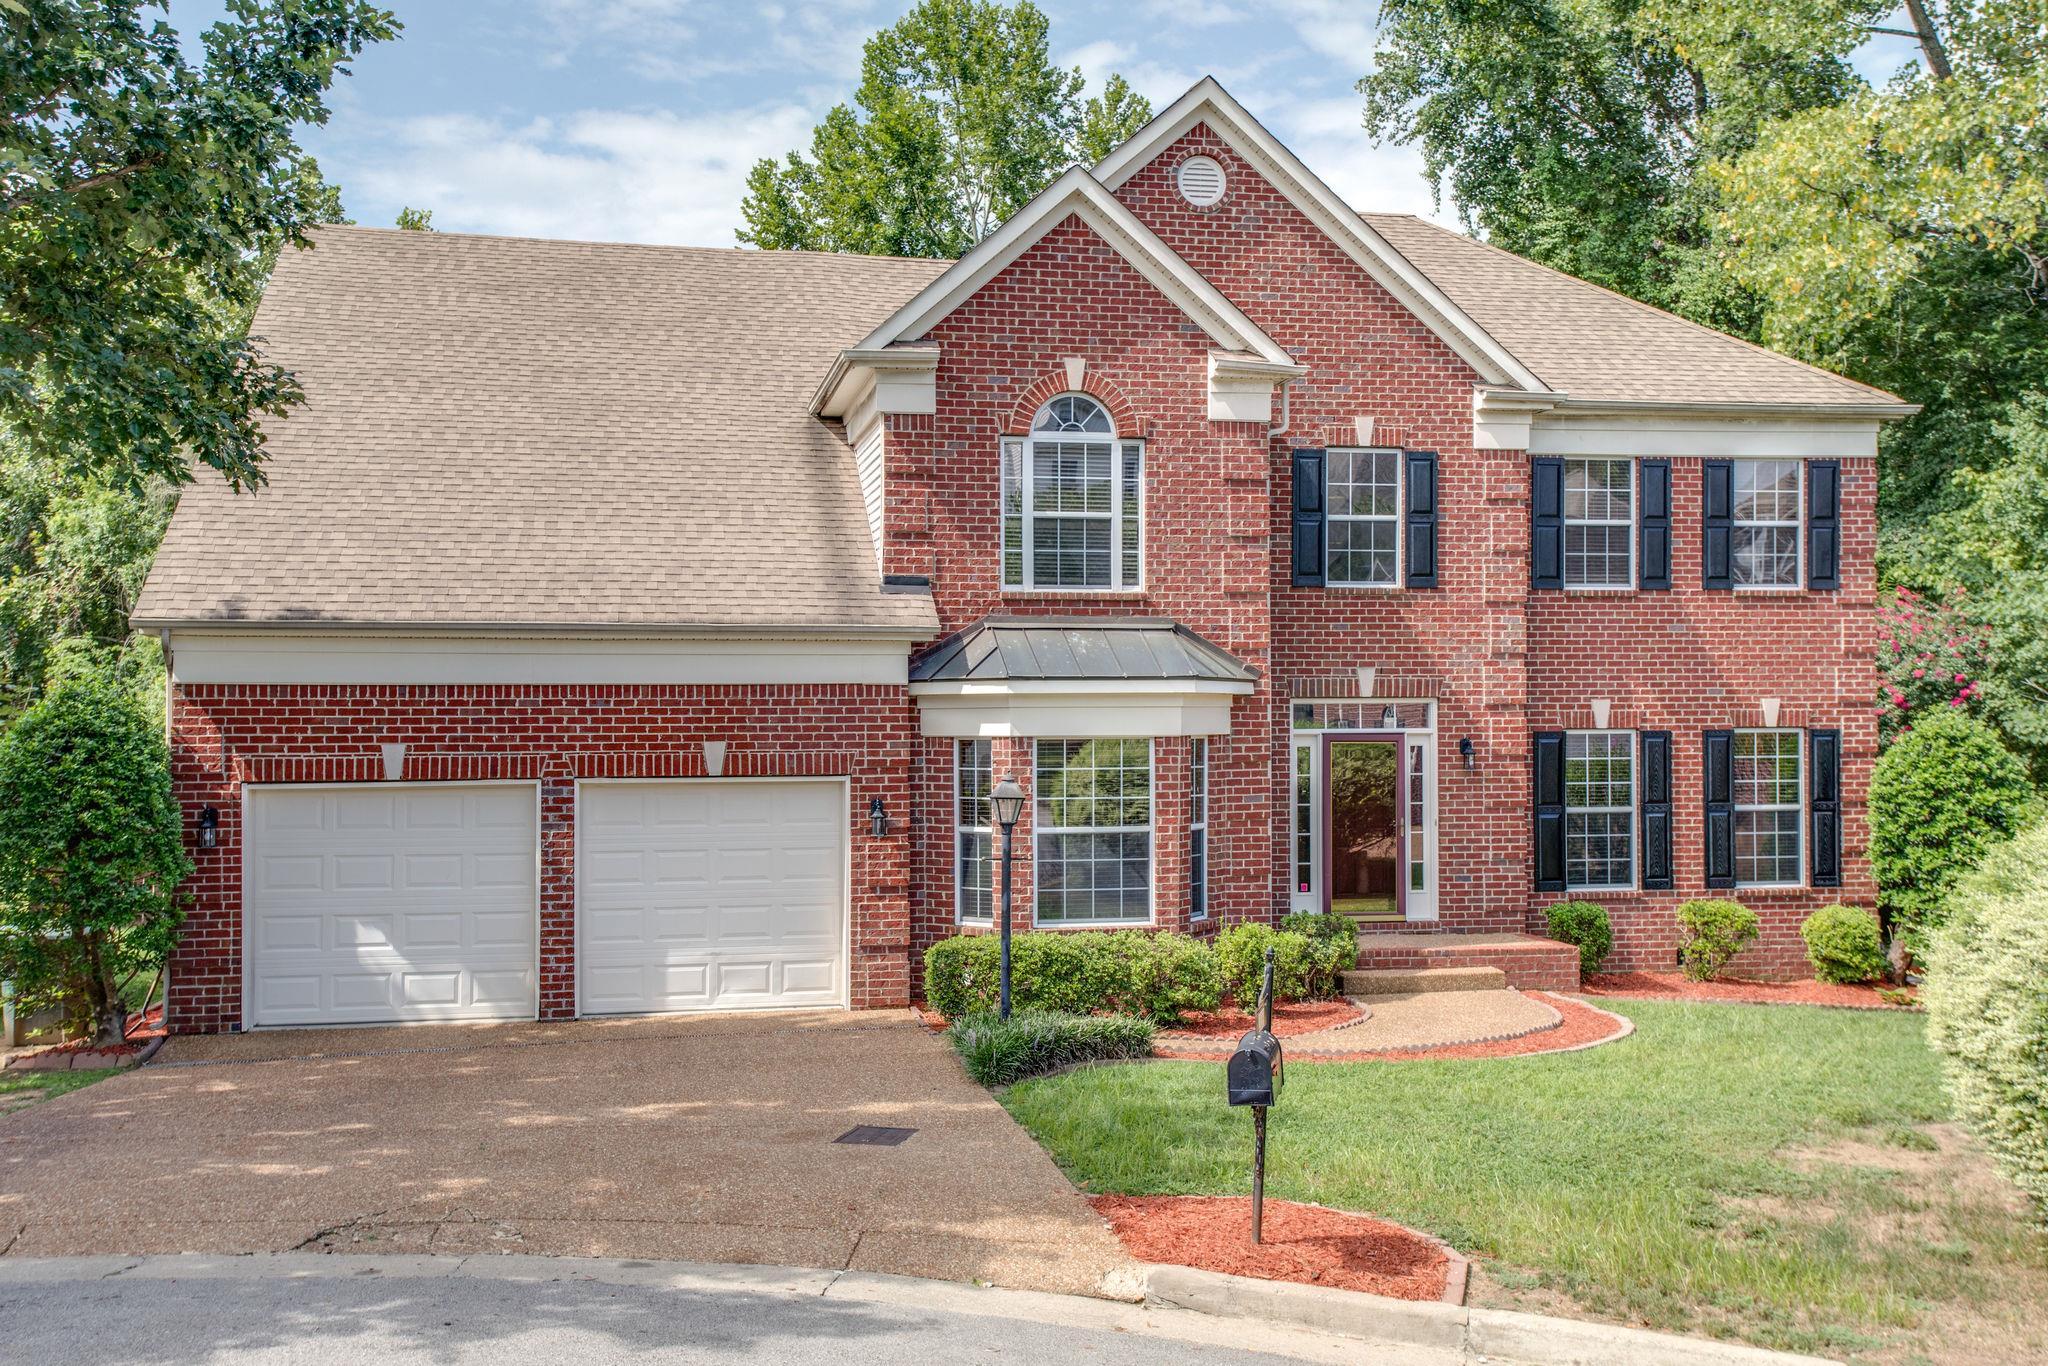 809 Century Oak Ct, Nashville, TN 37211 - Nashville, TN real estate listing